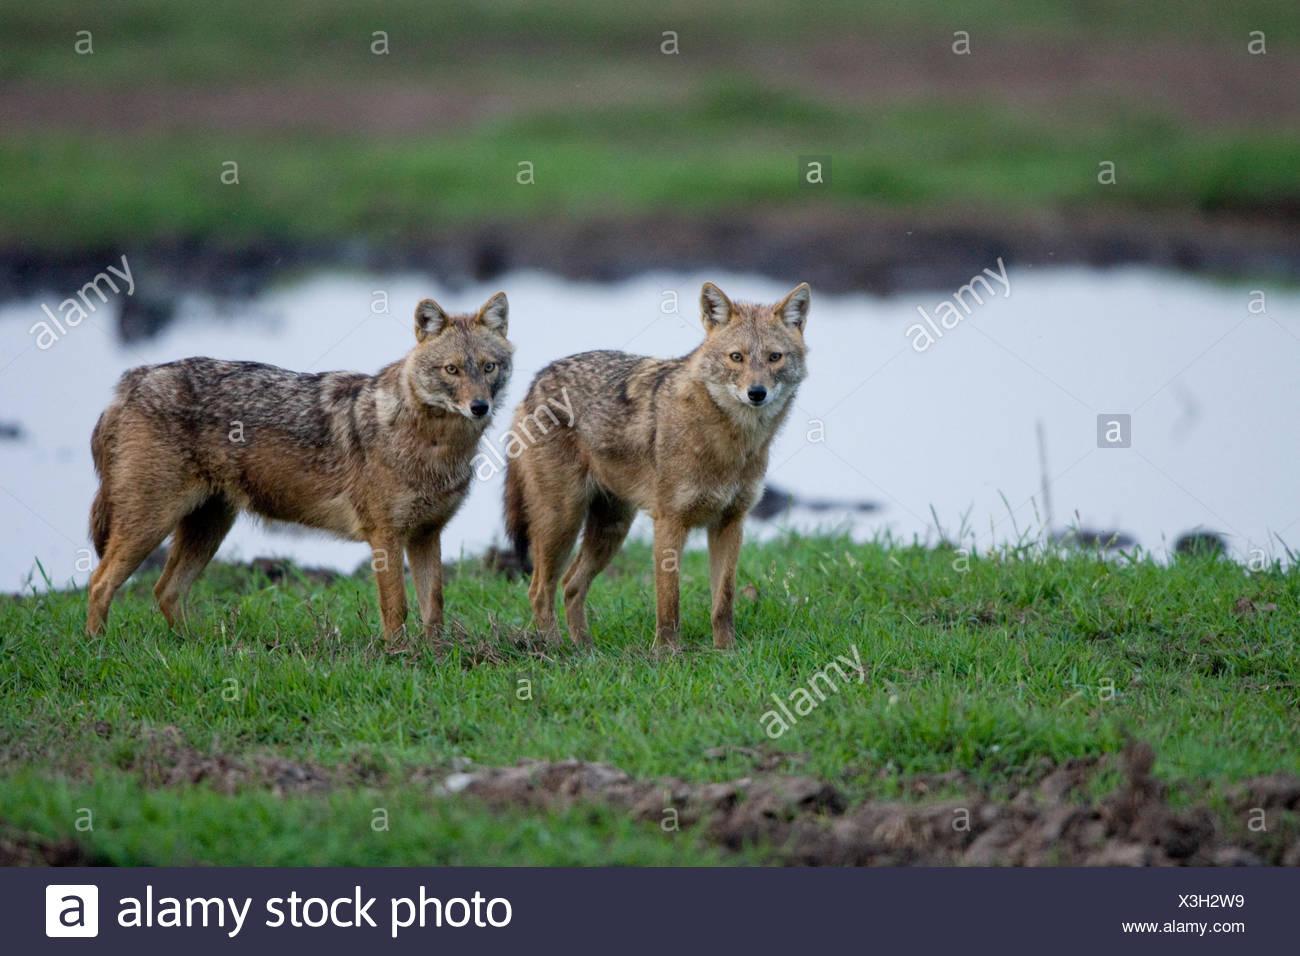 Le chacal doré (Canis aureus), également appelé l'asiatic, oriental ou chacal commun, photographié dans la vallée de Hula, Israël Banque D'Images